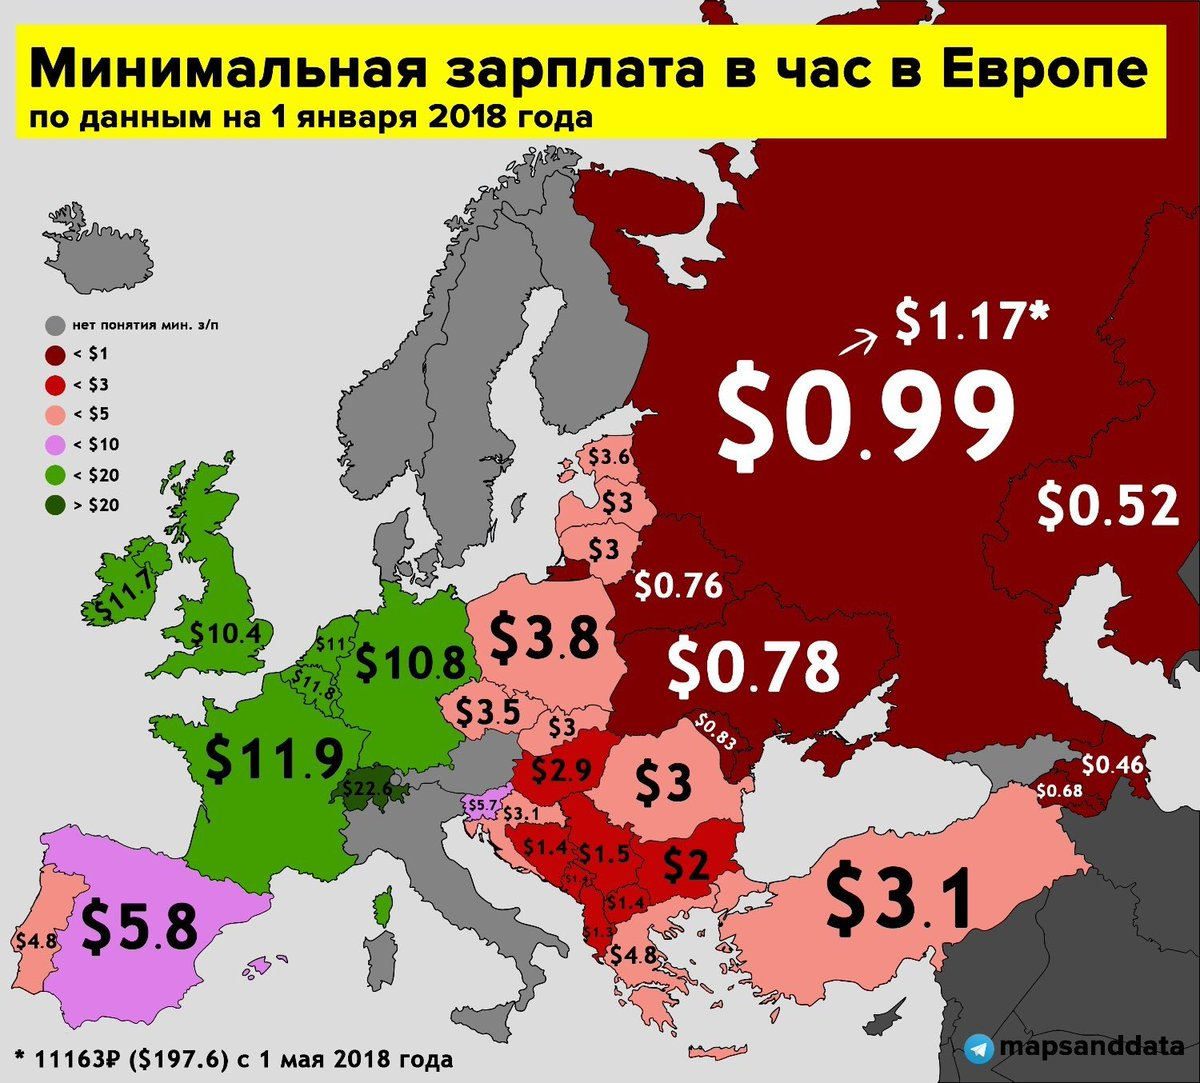 Автор досье на Трампа собирал информацию об отношениях Украины и России, - Нуланд - Цензор.НЕТ 579